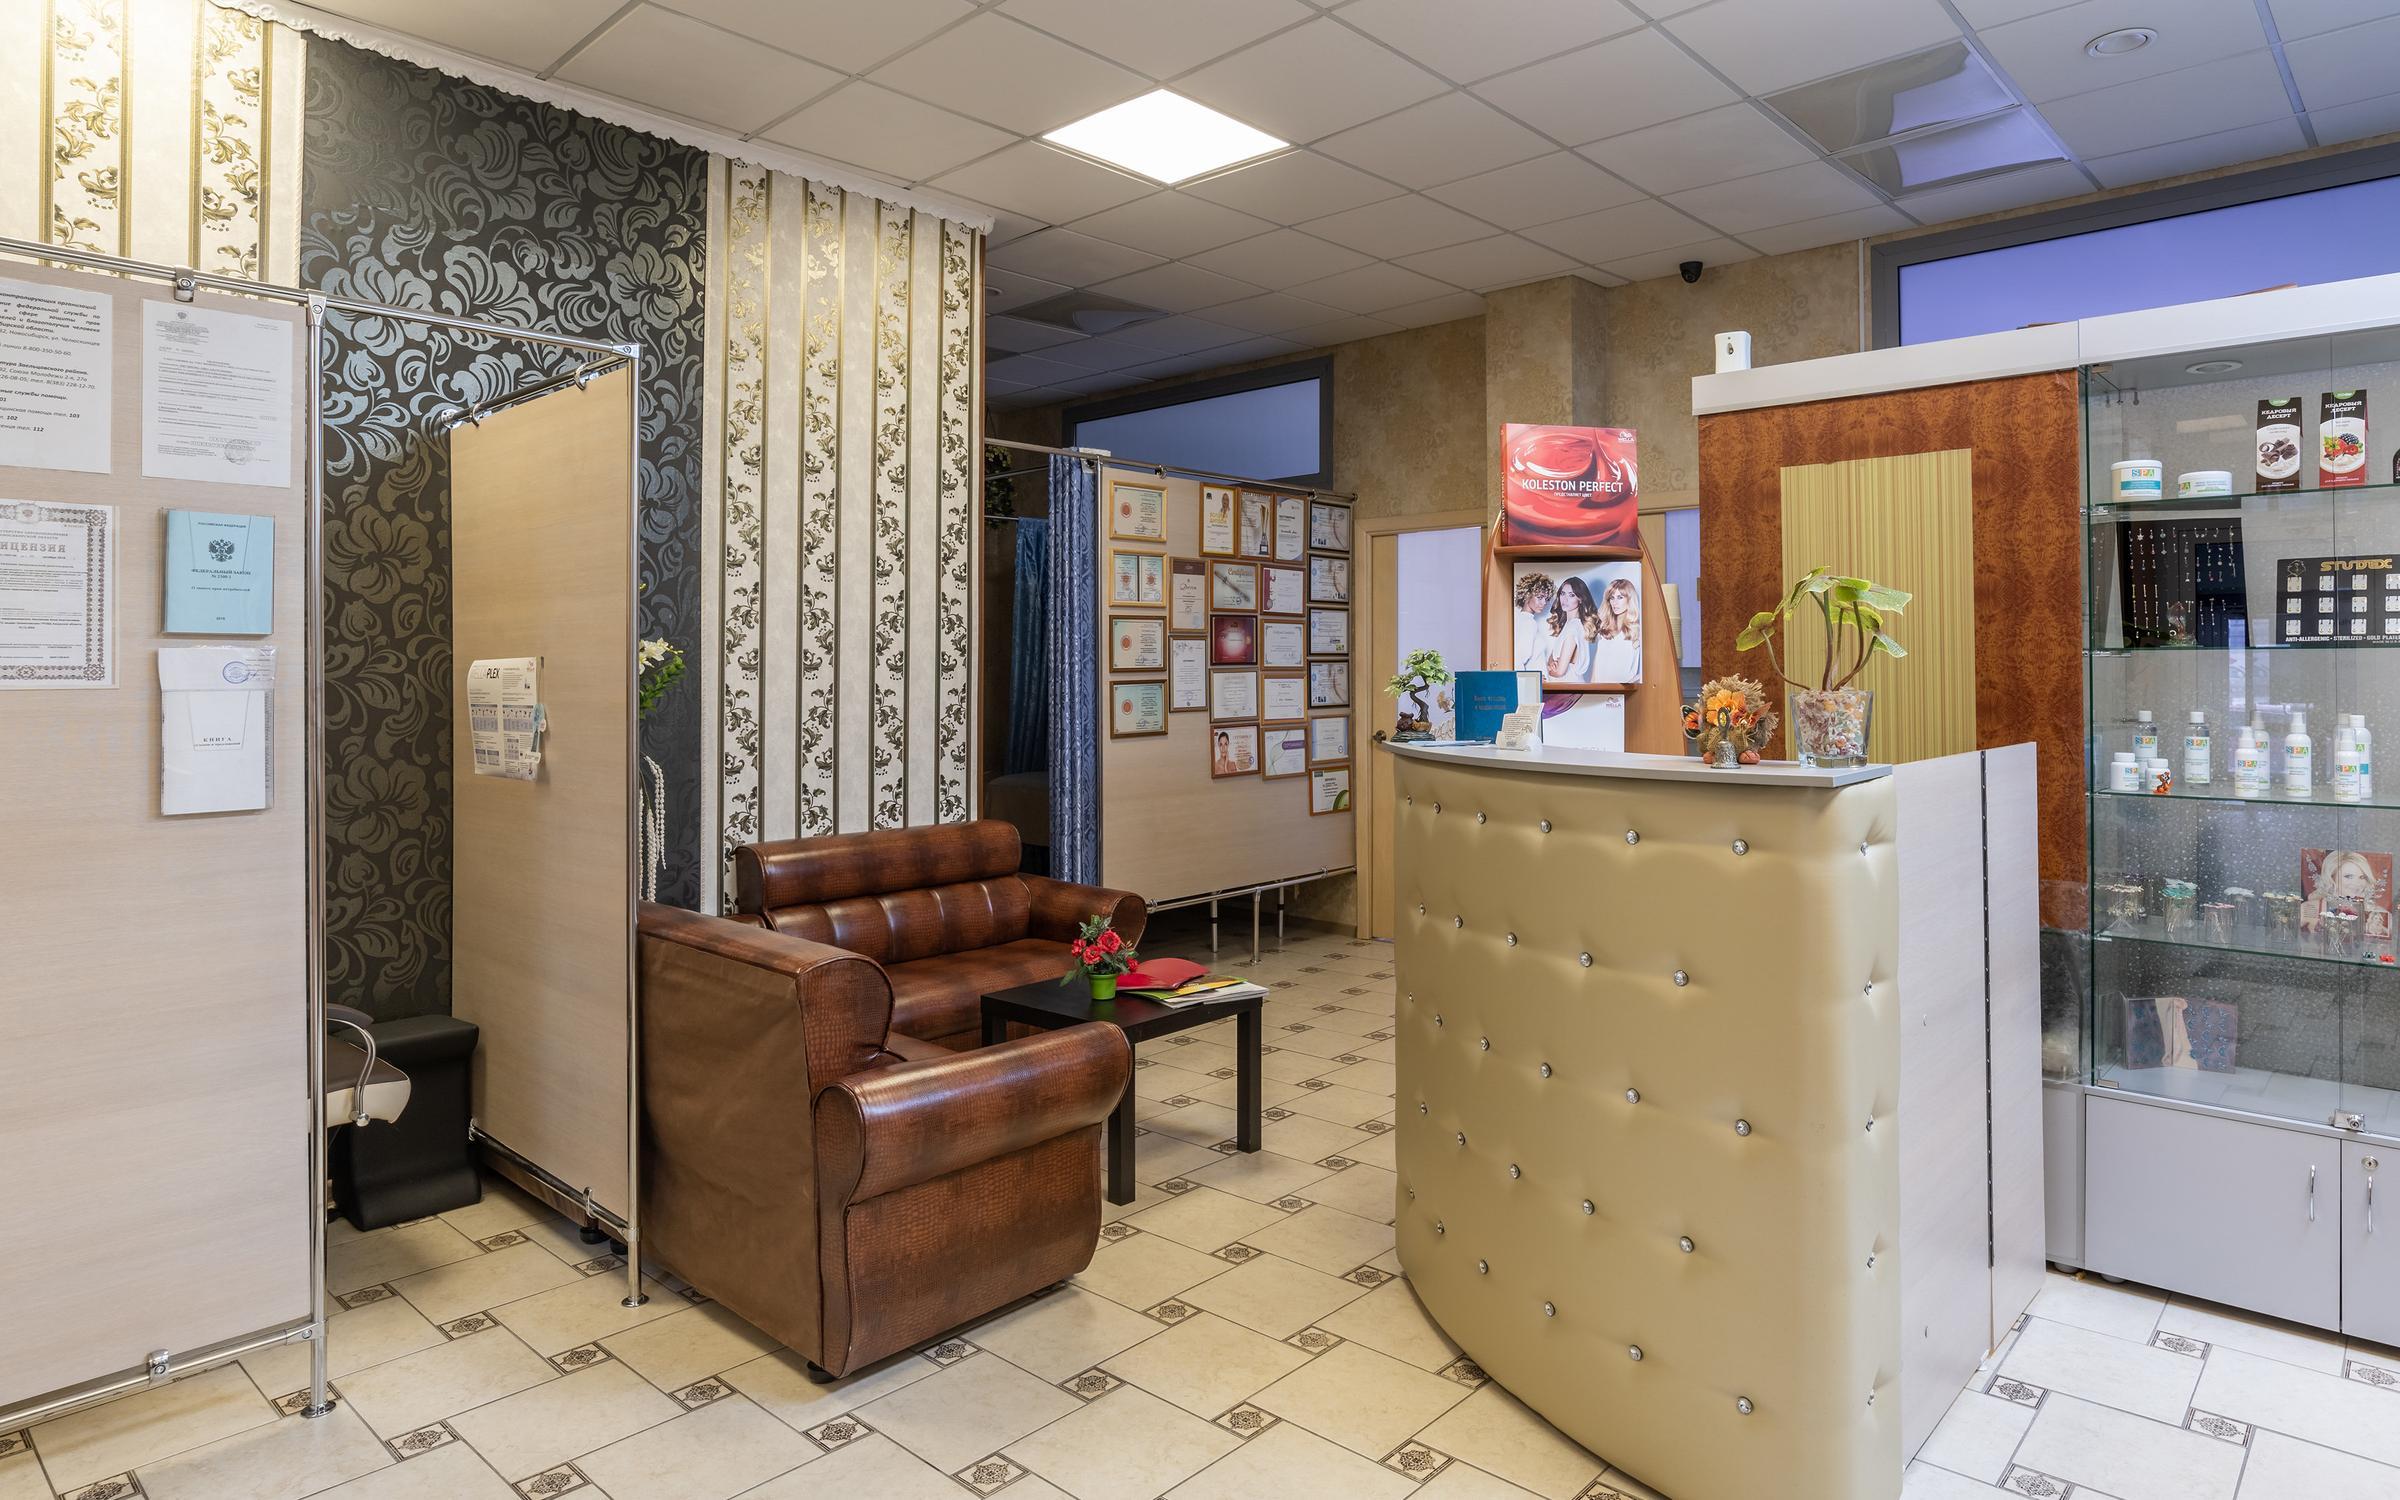 фотография Центра здоровья и красоты КУПАВА метро Заельцовская